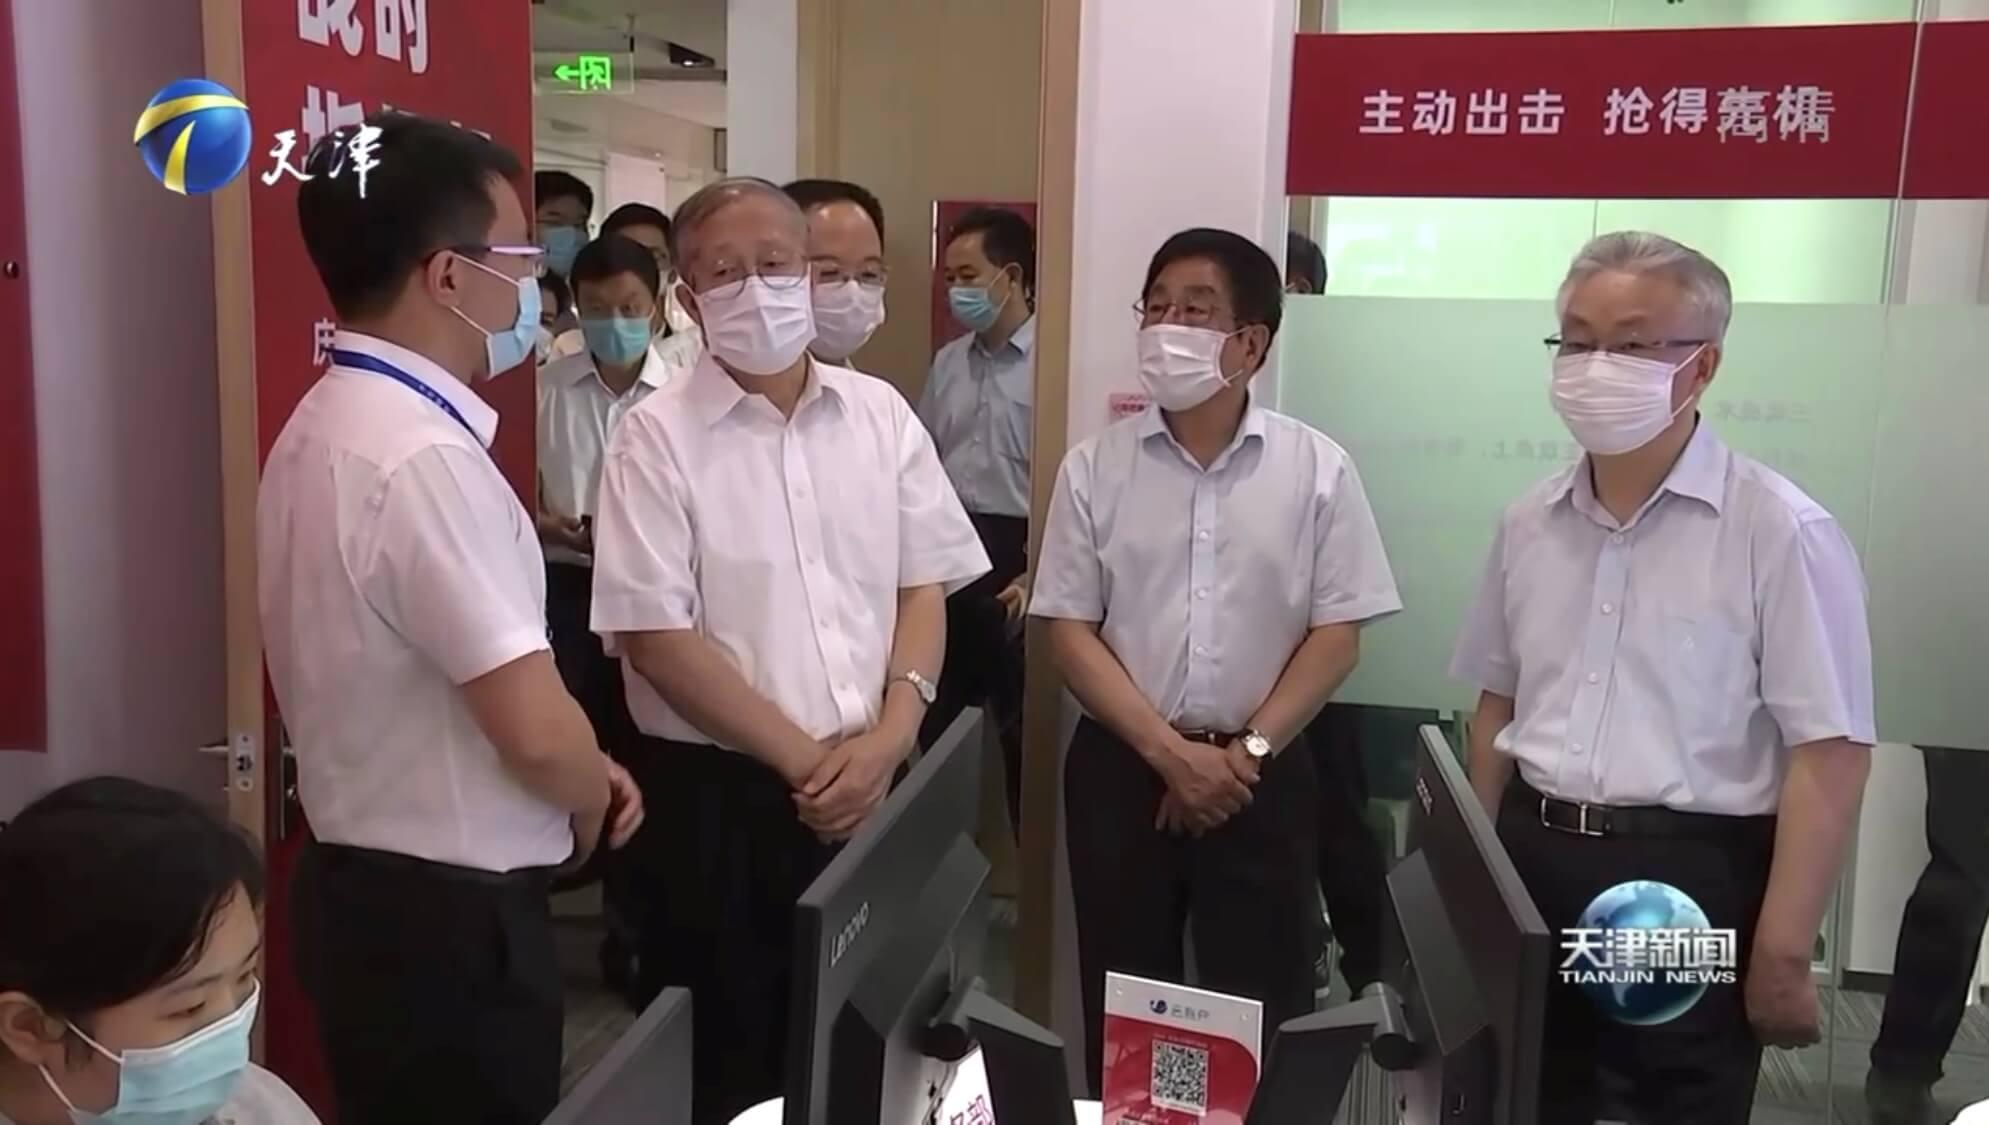 甘肃省、天津市党政主要领导考察云账户 11